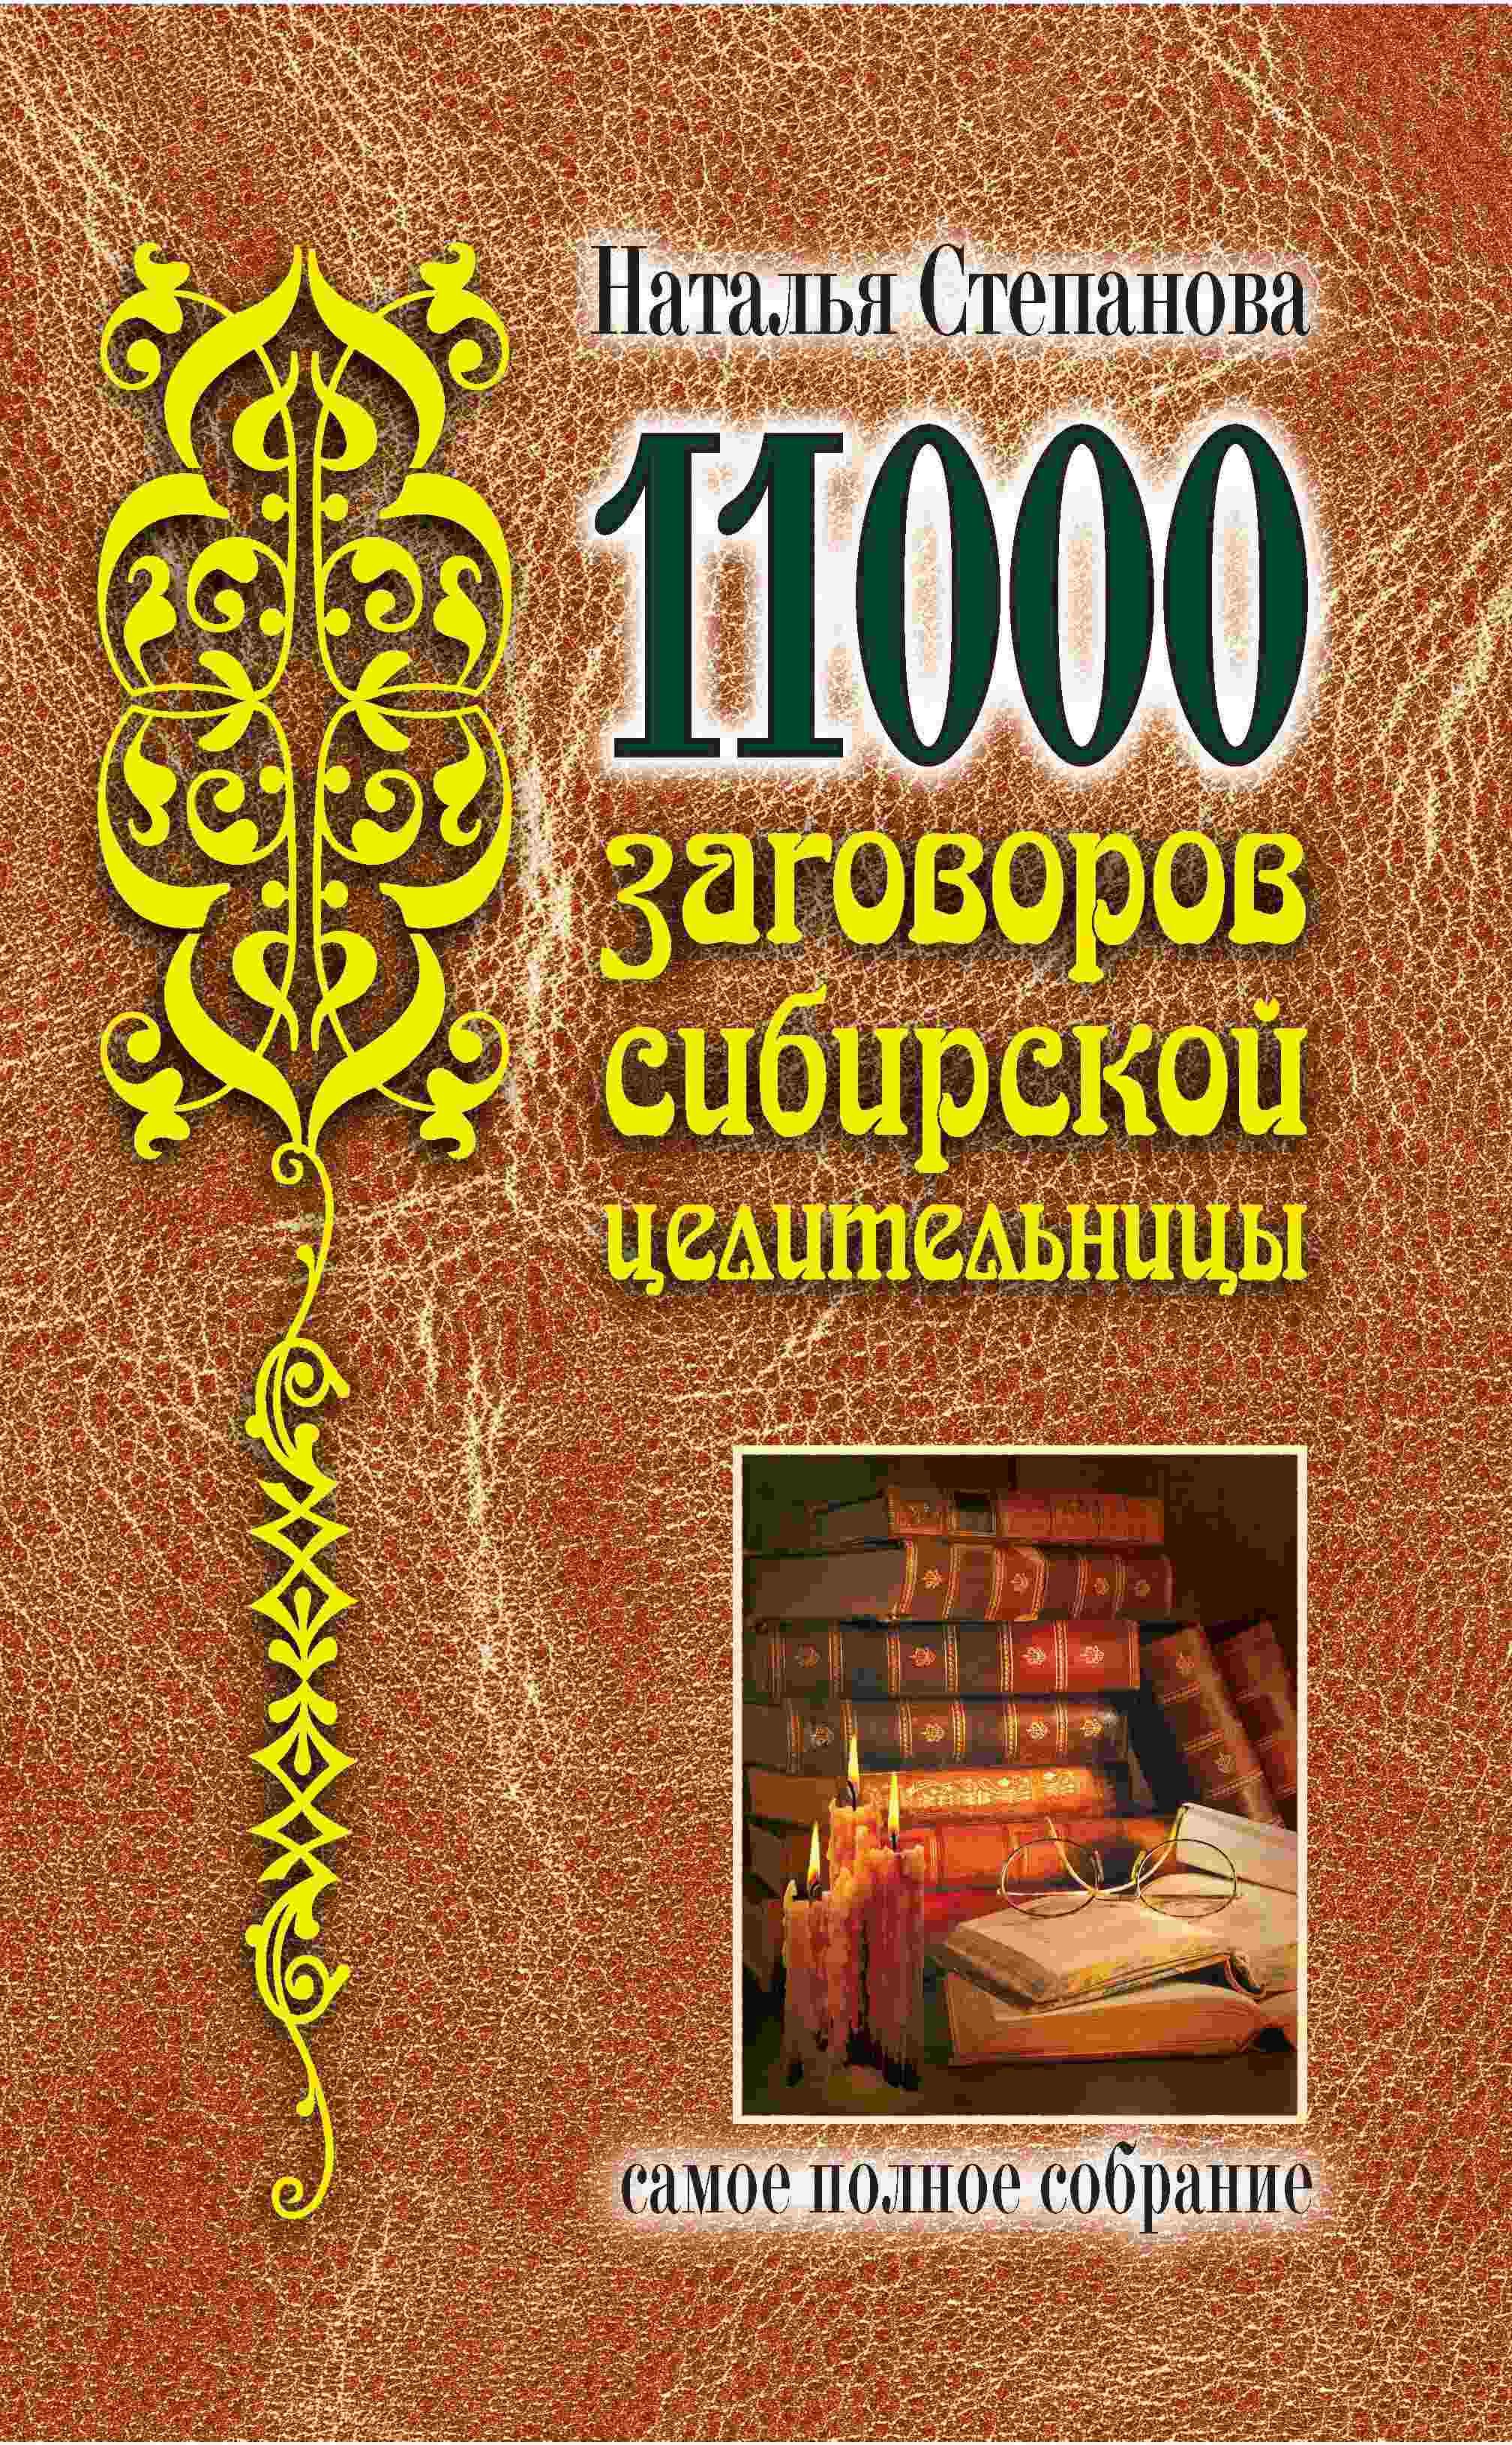 Наталья Степанова 11000 заговоров сибирской целительницы